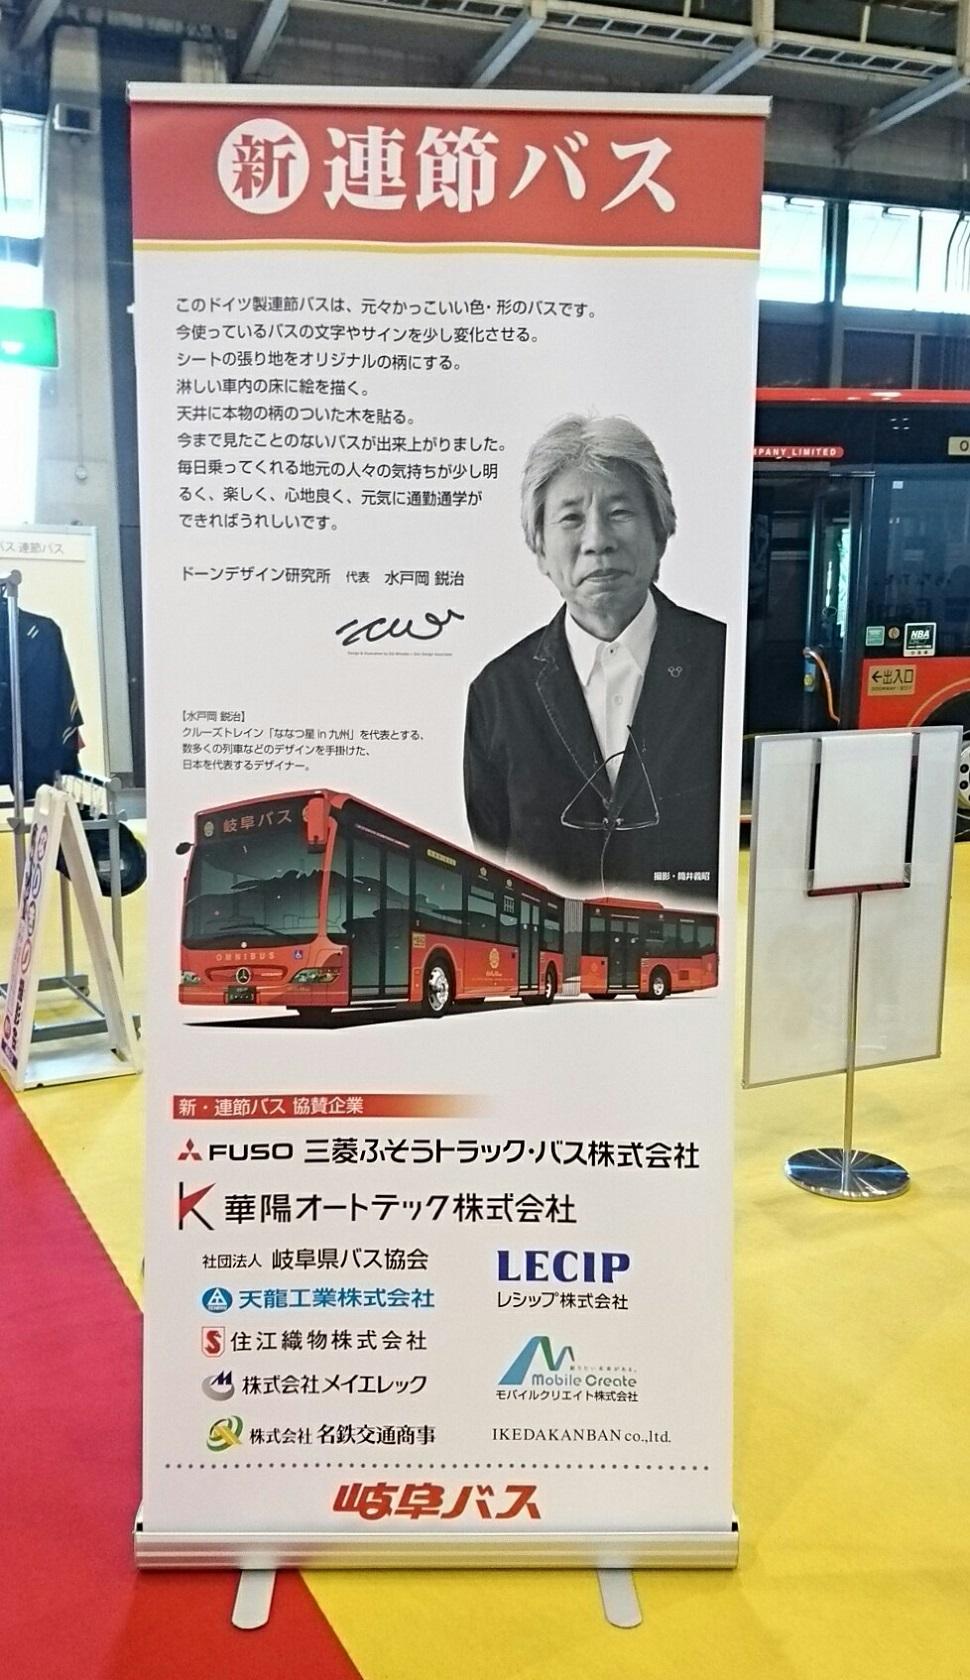 2017.11.24 名古屋 (20) モーターショー - 連接バス 970-1680